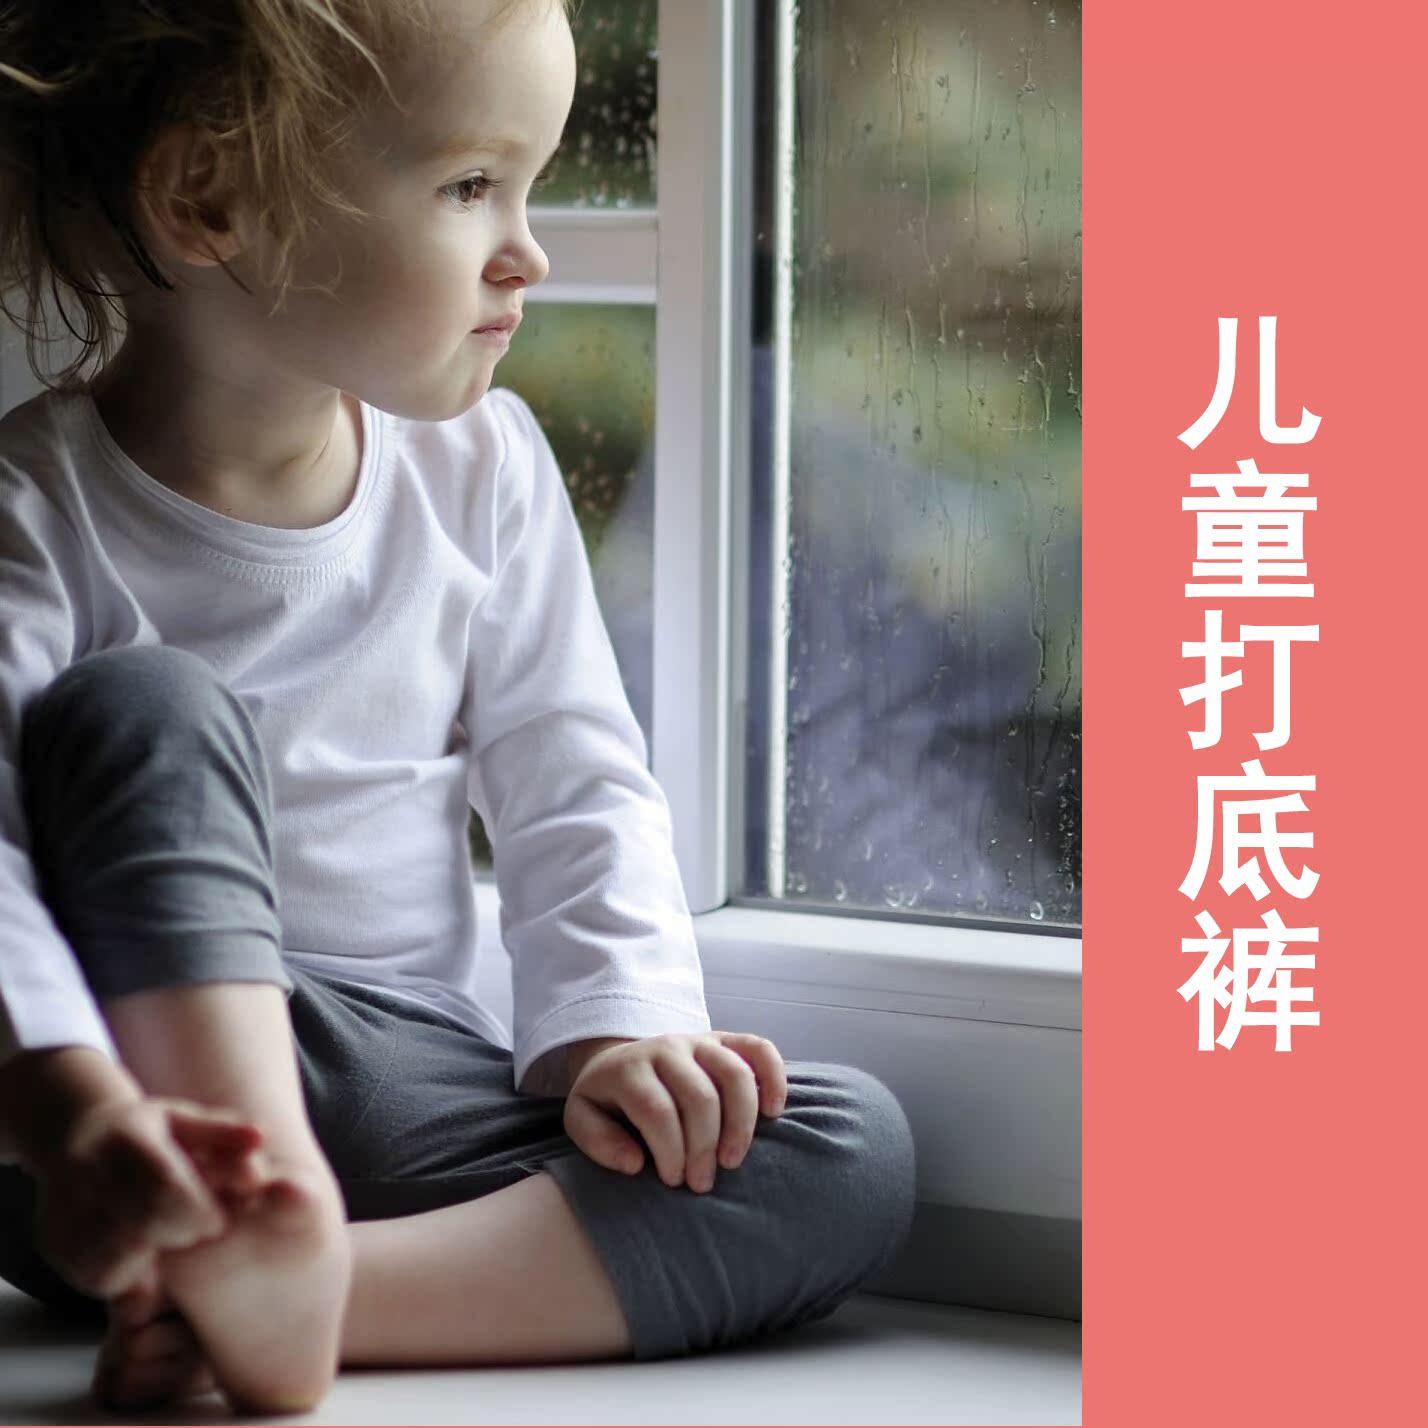 1-83102【2条包邮,3条减5元】舒适棉弹儿童打底裤 宝宝休闲裤